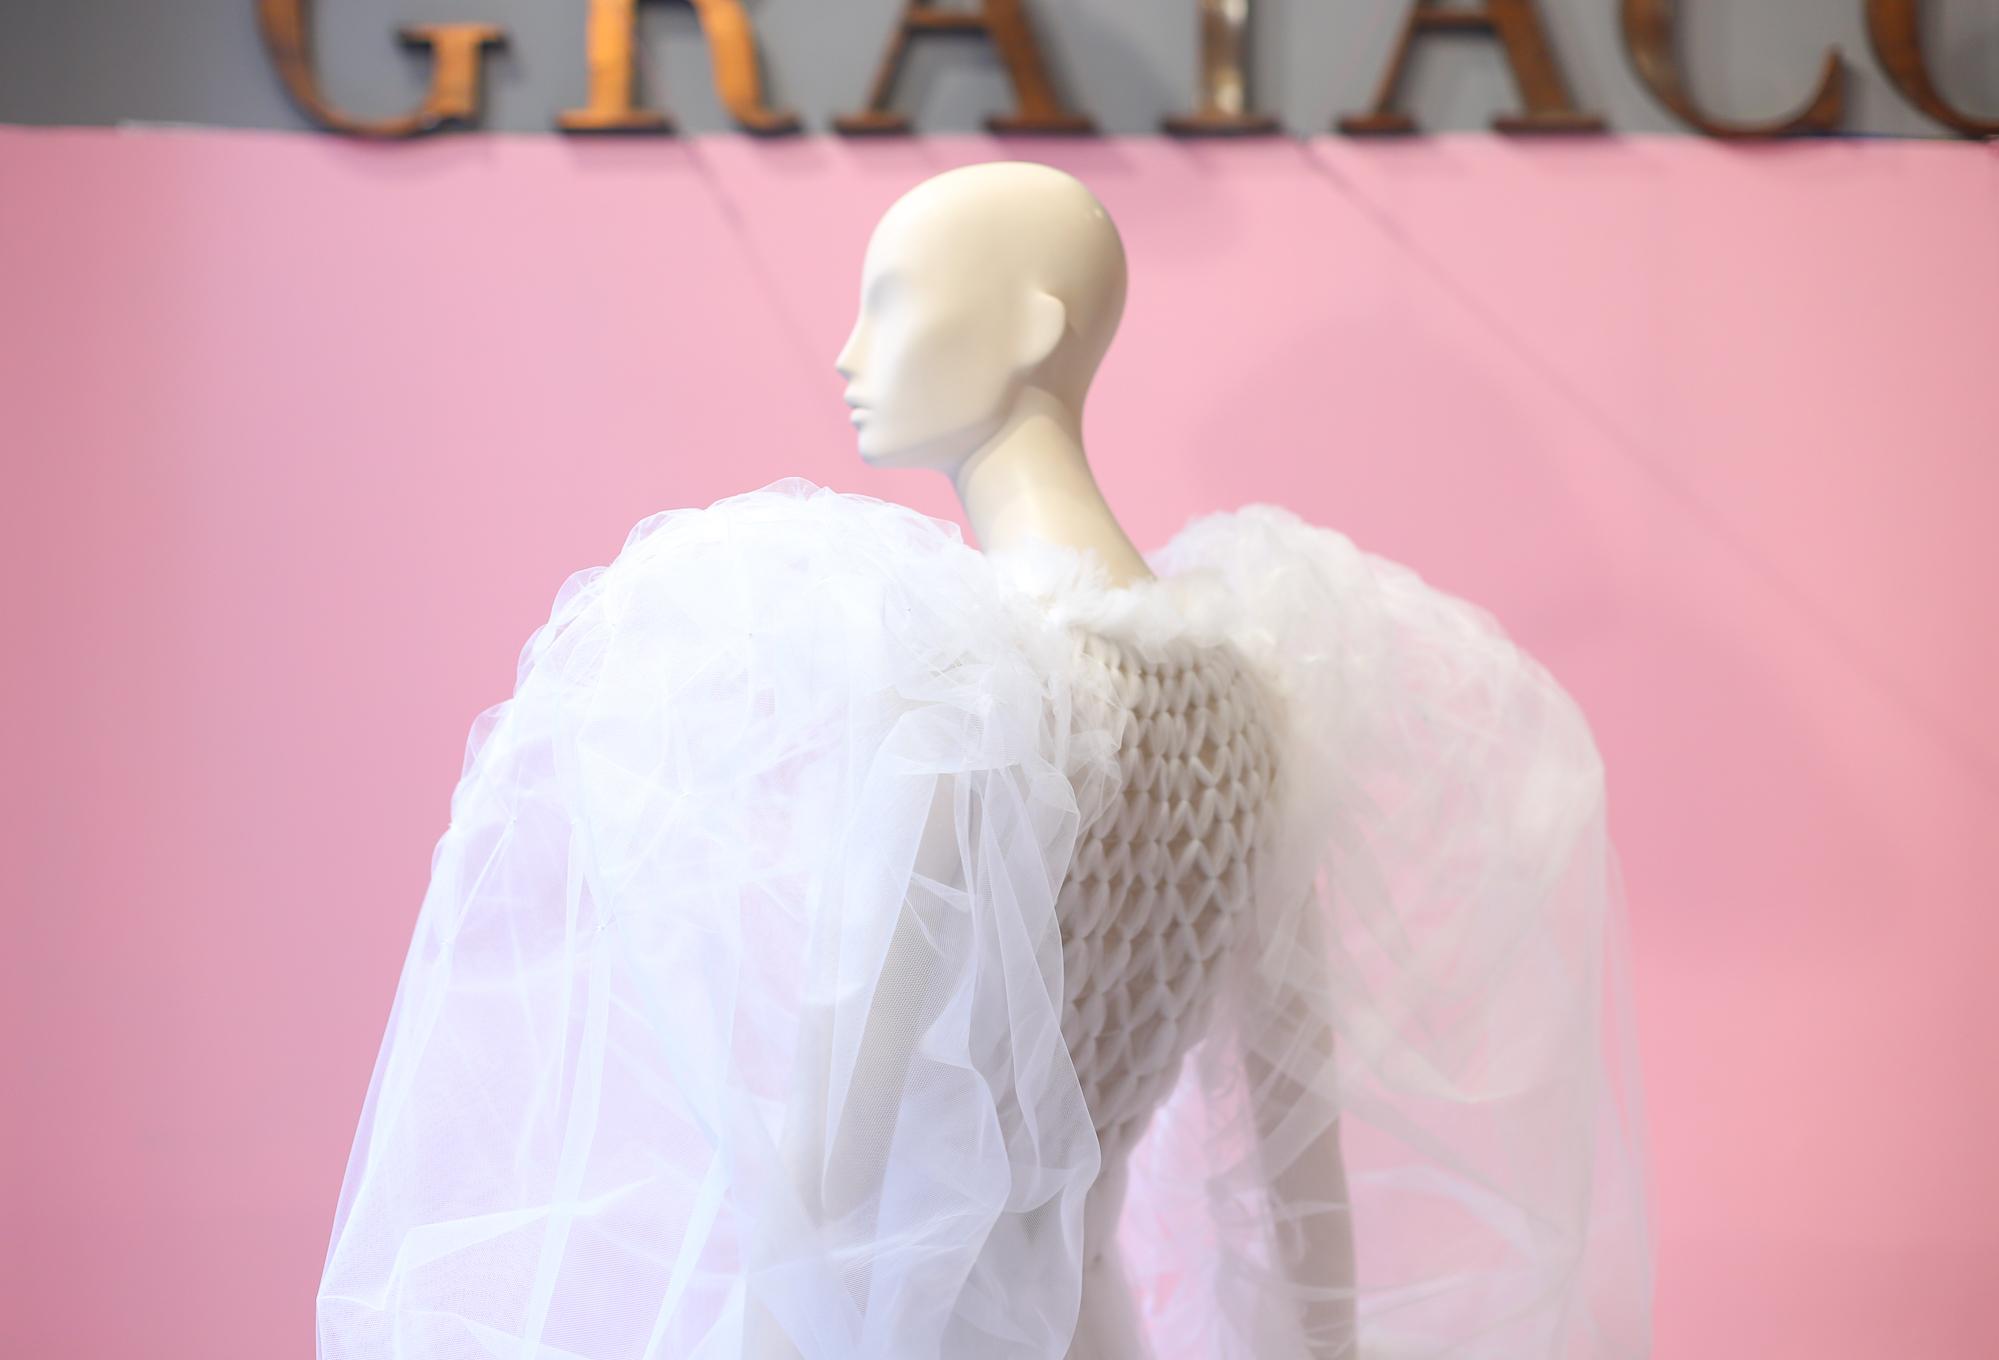 06f69d7f5175 Barcelona se ha convertido esta semana en la capital mundial de la moda  nupcial con la mayor edición hasta la fecha de la Valmont Barcelona Bridal  Fashion ...